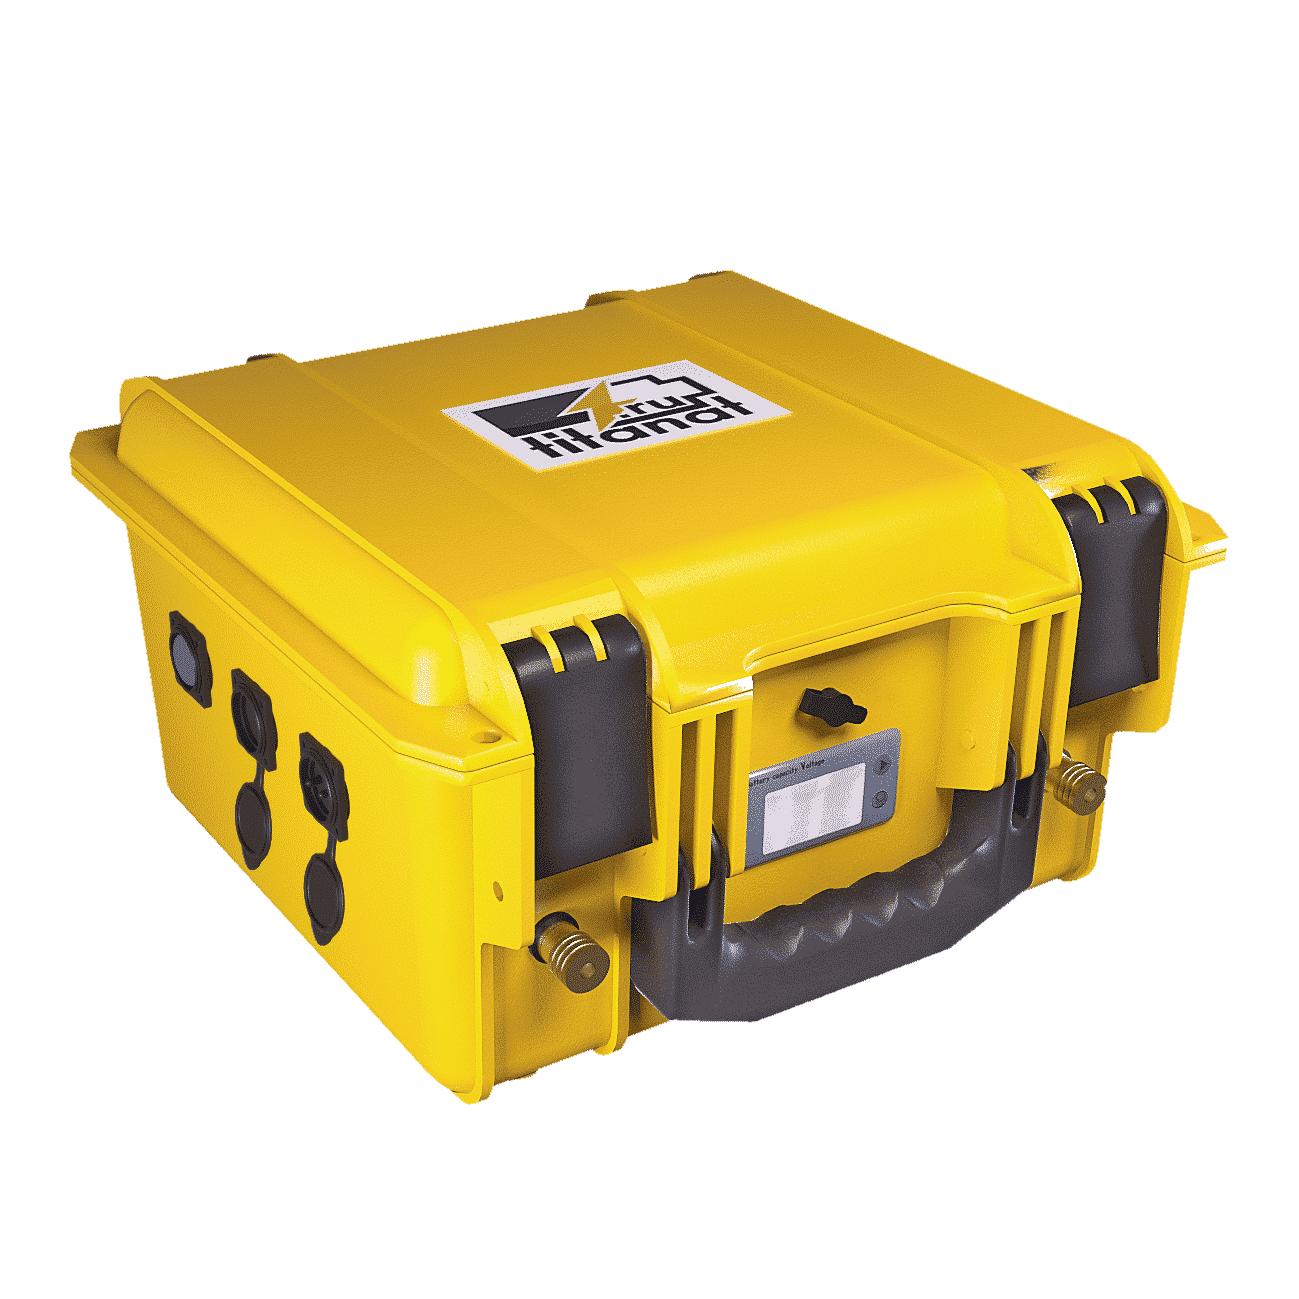 Фото 1 - Аккумулятор лодочный 12V 110Ah LiFePO4 Защищён. (USB).